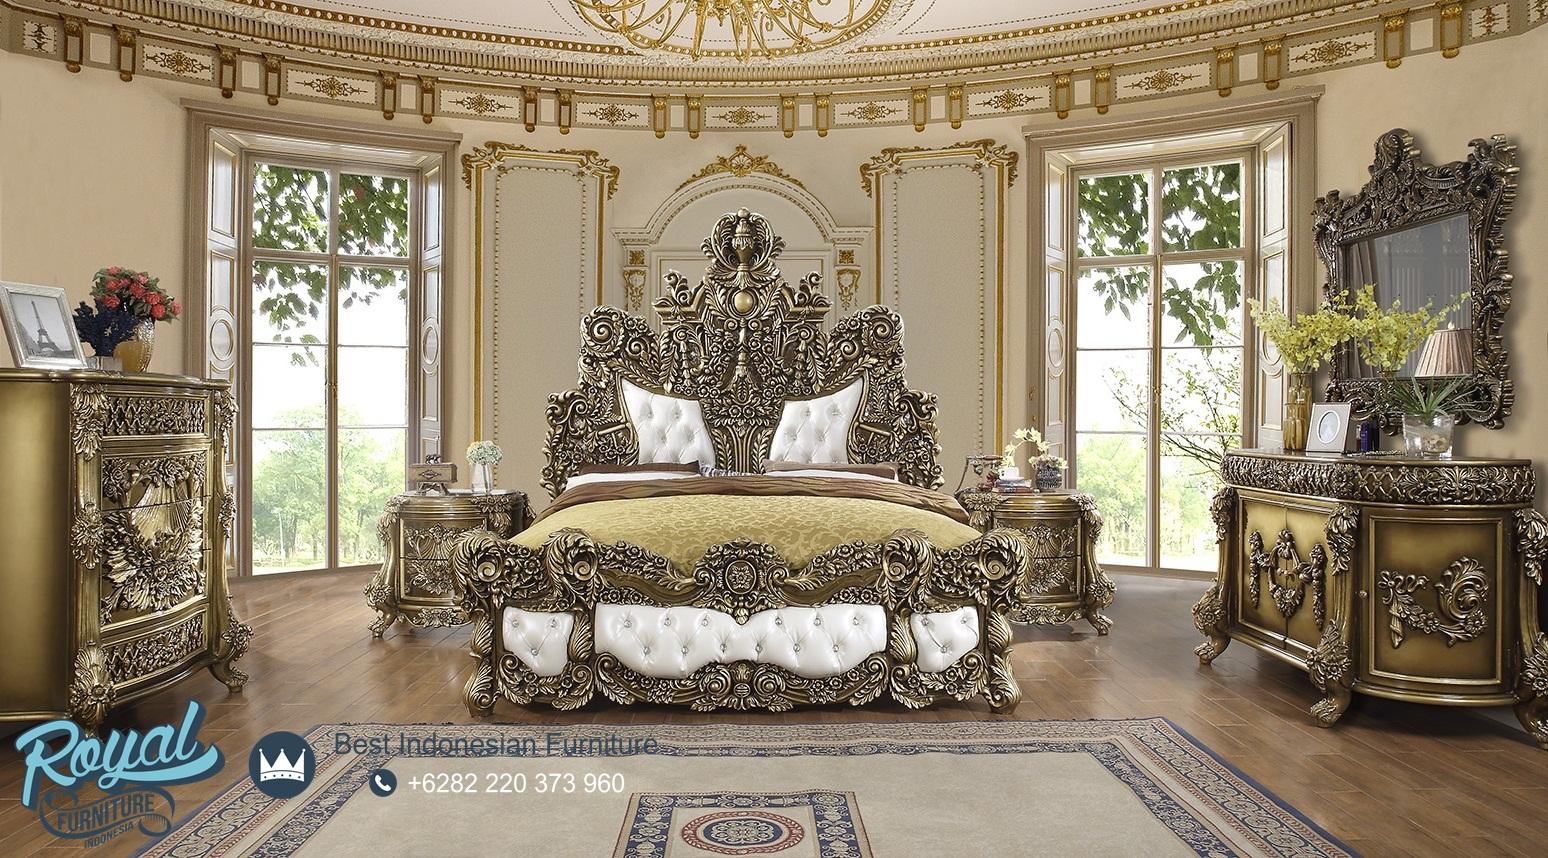 Bedroom Kamar Tidur Klasik Ukiran Jepara Terbaru Eropan Style, tempat tidur mewah, harga tempat tidur mewah klasik, tempat tidur mewah ukir jepara, tempat tidur ukiran kayu jati, harga tempat tidur jati satu set, tempat tidur klasik, set tempat tidur klasik gold, desain model kamar tidur mewah, gambar kamar tidur mewah elegan, kamar tidur sederhana, desain kamar tidur klasik eropa, set kamar tidur klasik mewah terbaru, desain interiorkamar tidur mewah, set kamar tidur mewah, furniture kamar tidur kayu jepara, kamar tidur pengantin mewah, furniture jepara store, toko furniture jepara, royal furniture